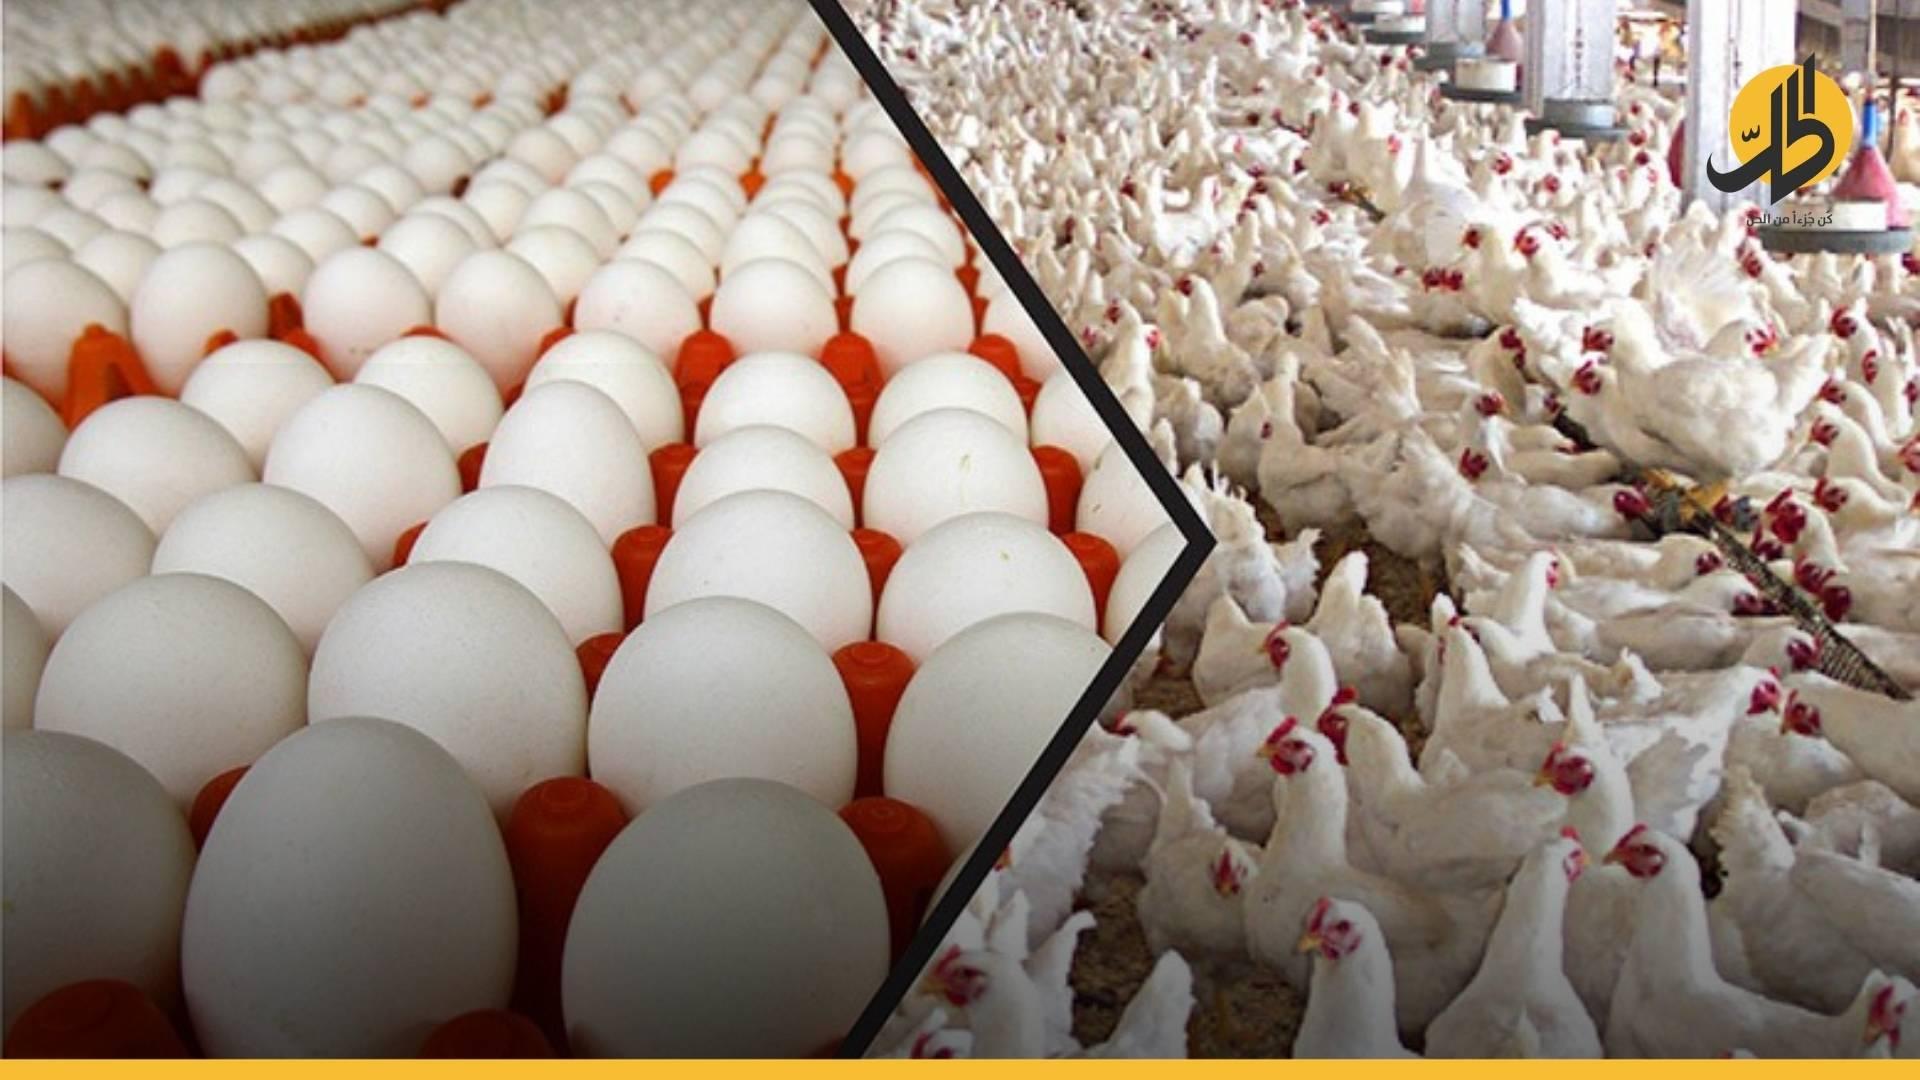 إبادةٌ جماعية للدجاجِ في درعا والبيض يتجه نحو الانقراض